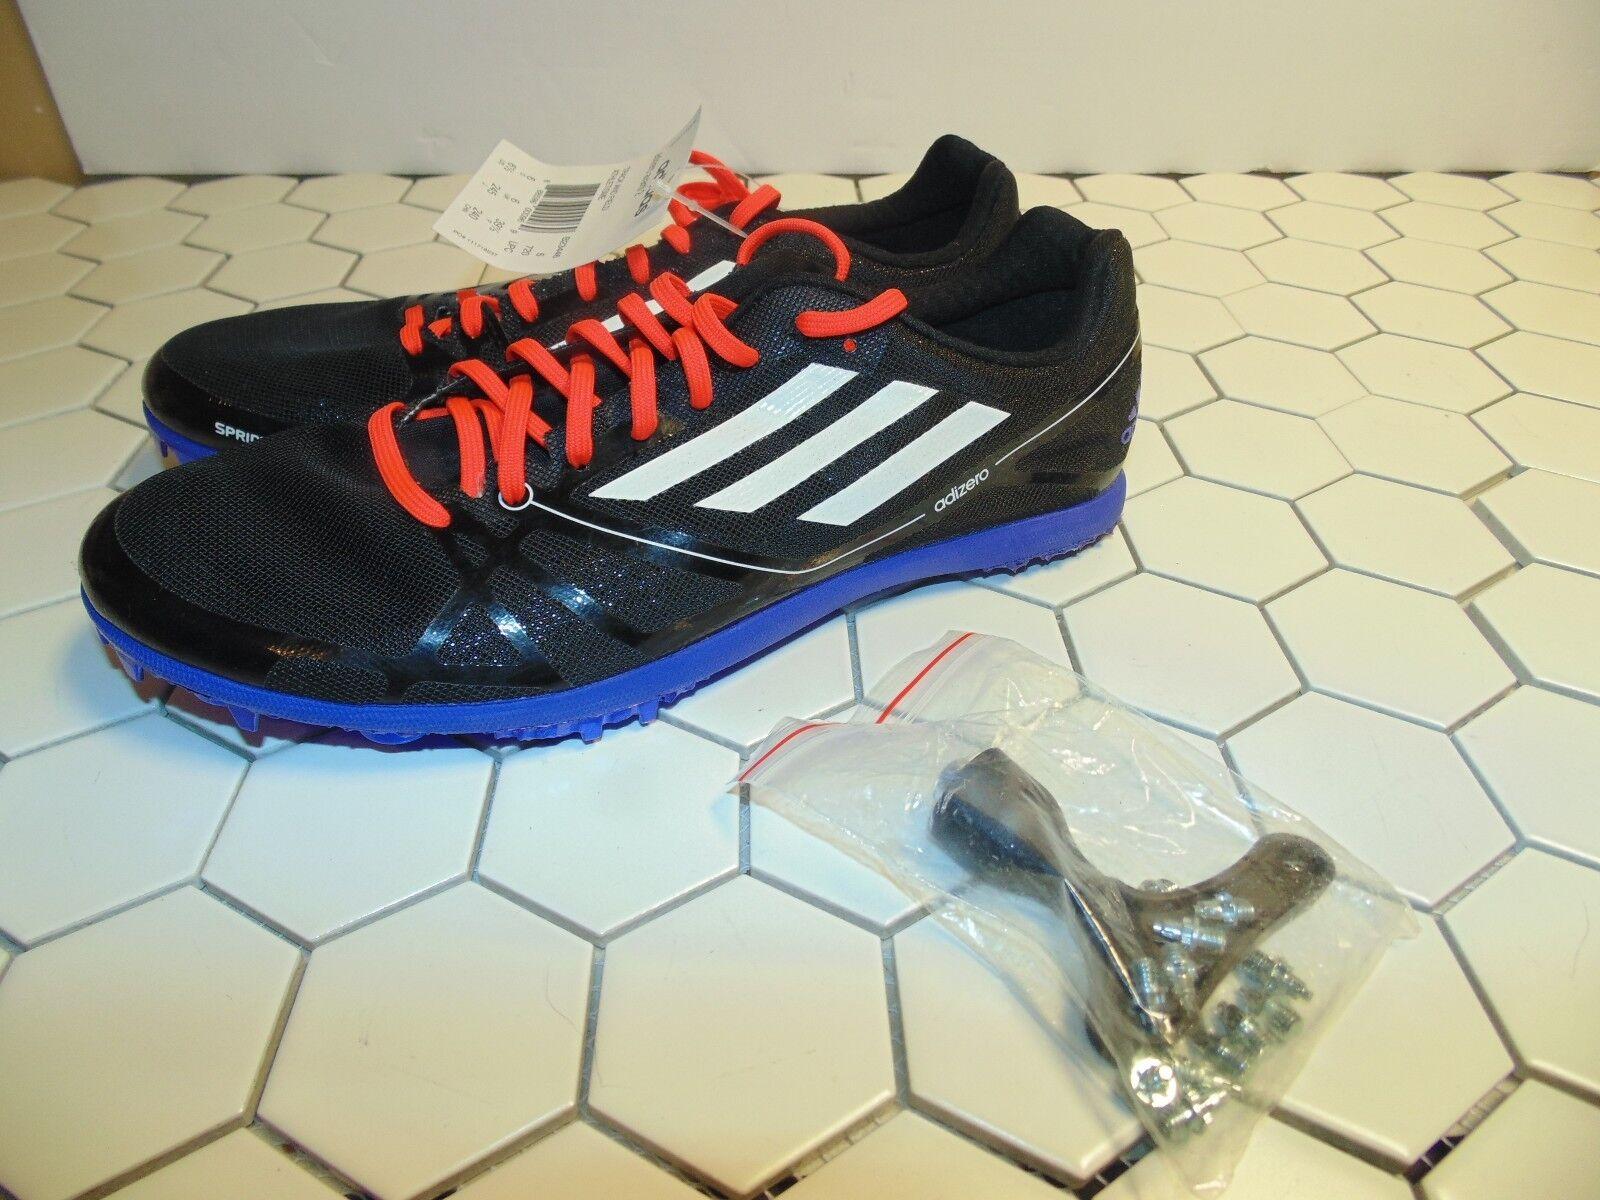 Adidas adizero avanti 2 acceleratore scarpe adesso in dimensioni 6,5 b23446  120 | Tocco confortevole  | Sig/Sig Ra Scarpa